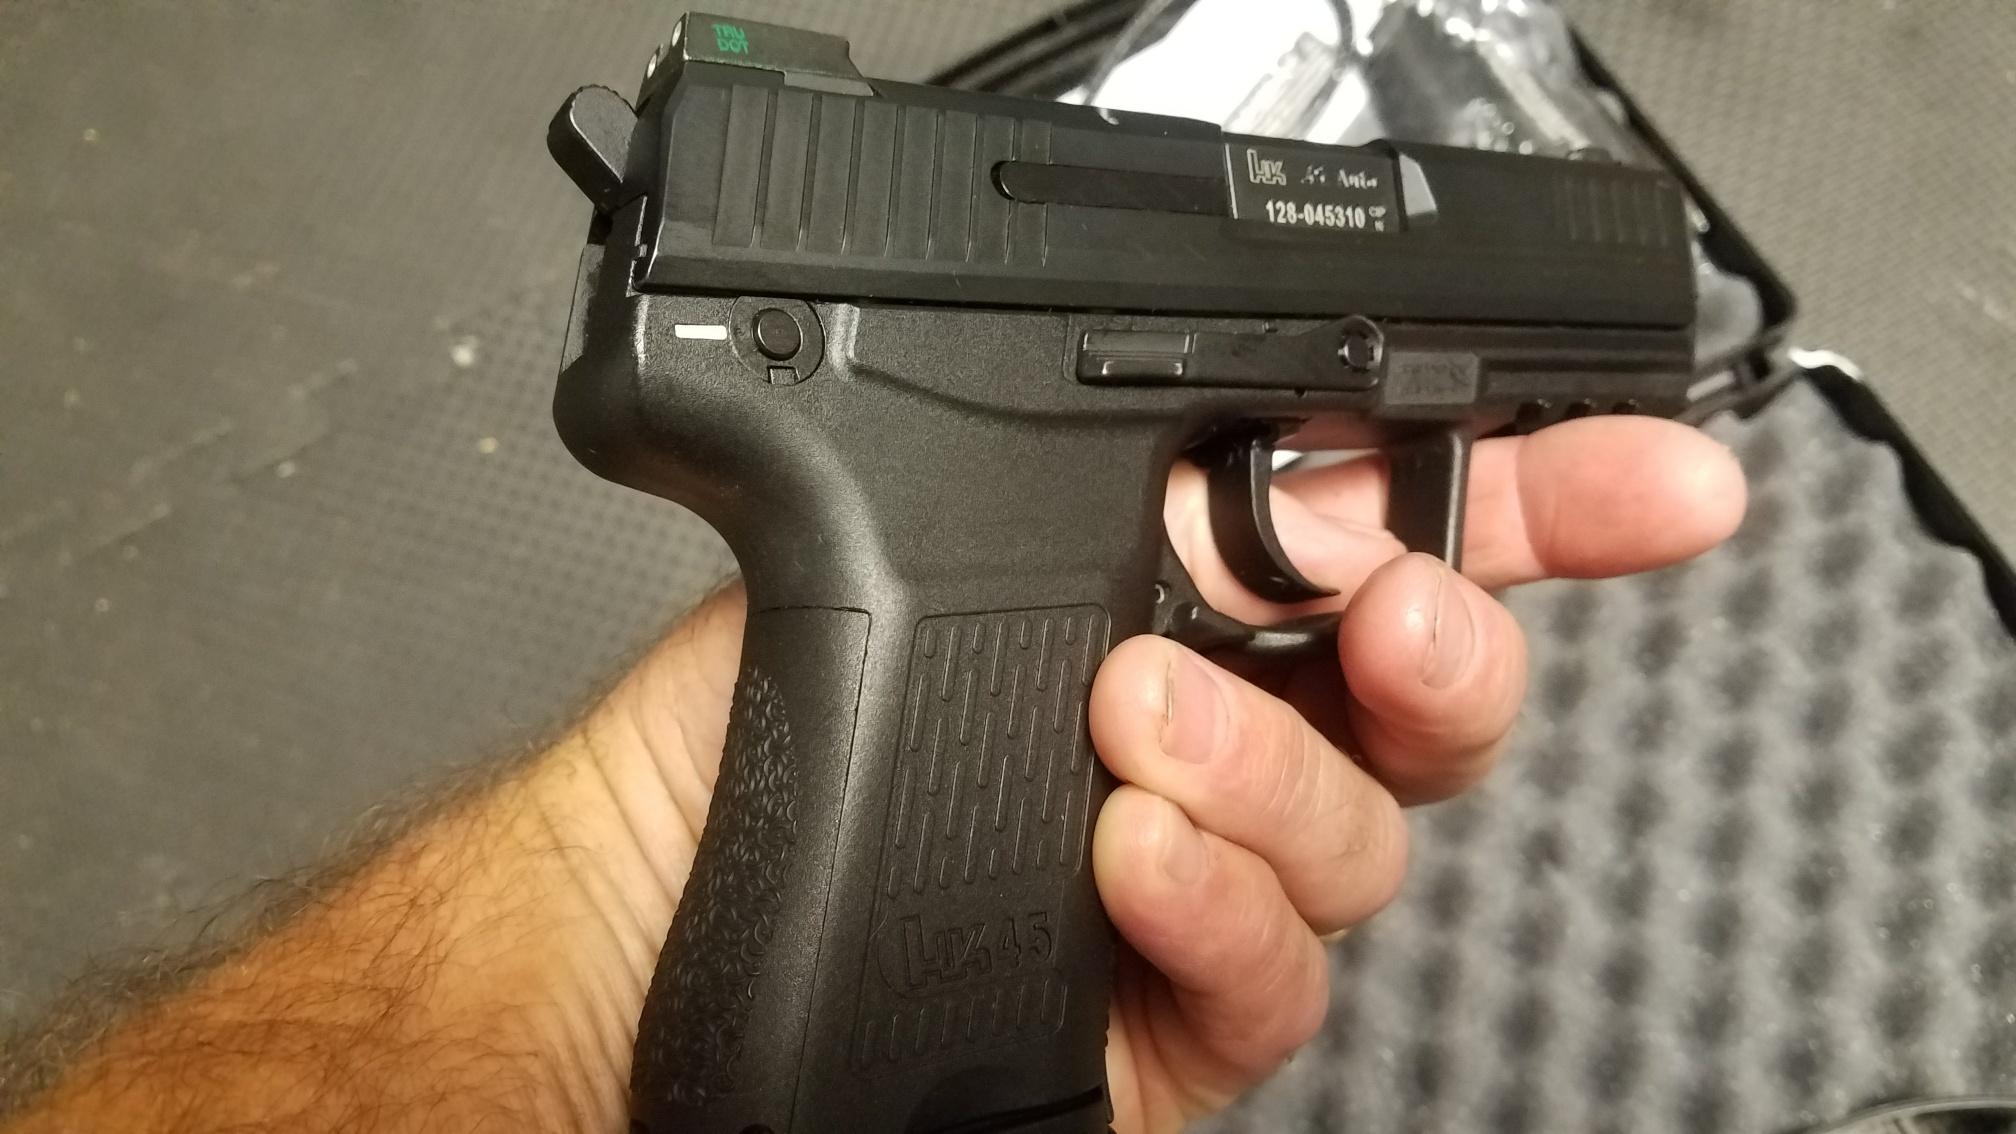 WTS: HK45C pistol-616153892_20200803_153800_2594916_resized.jpg